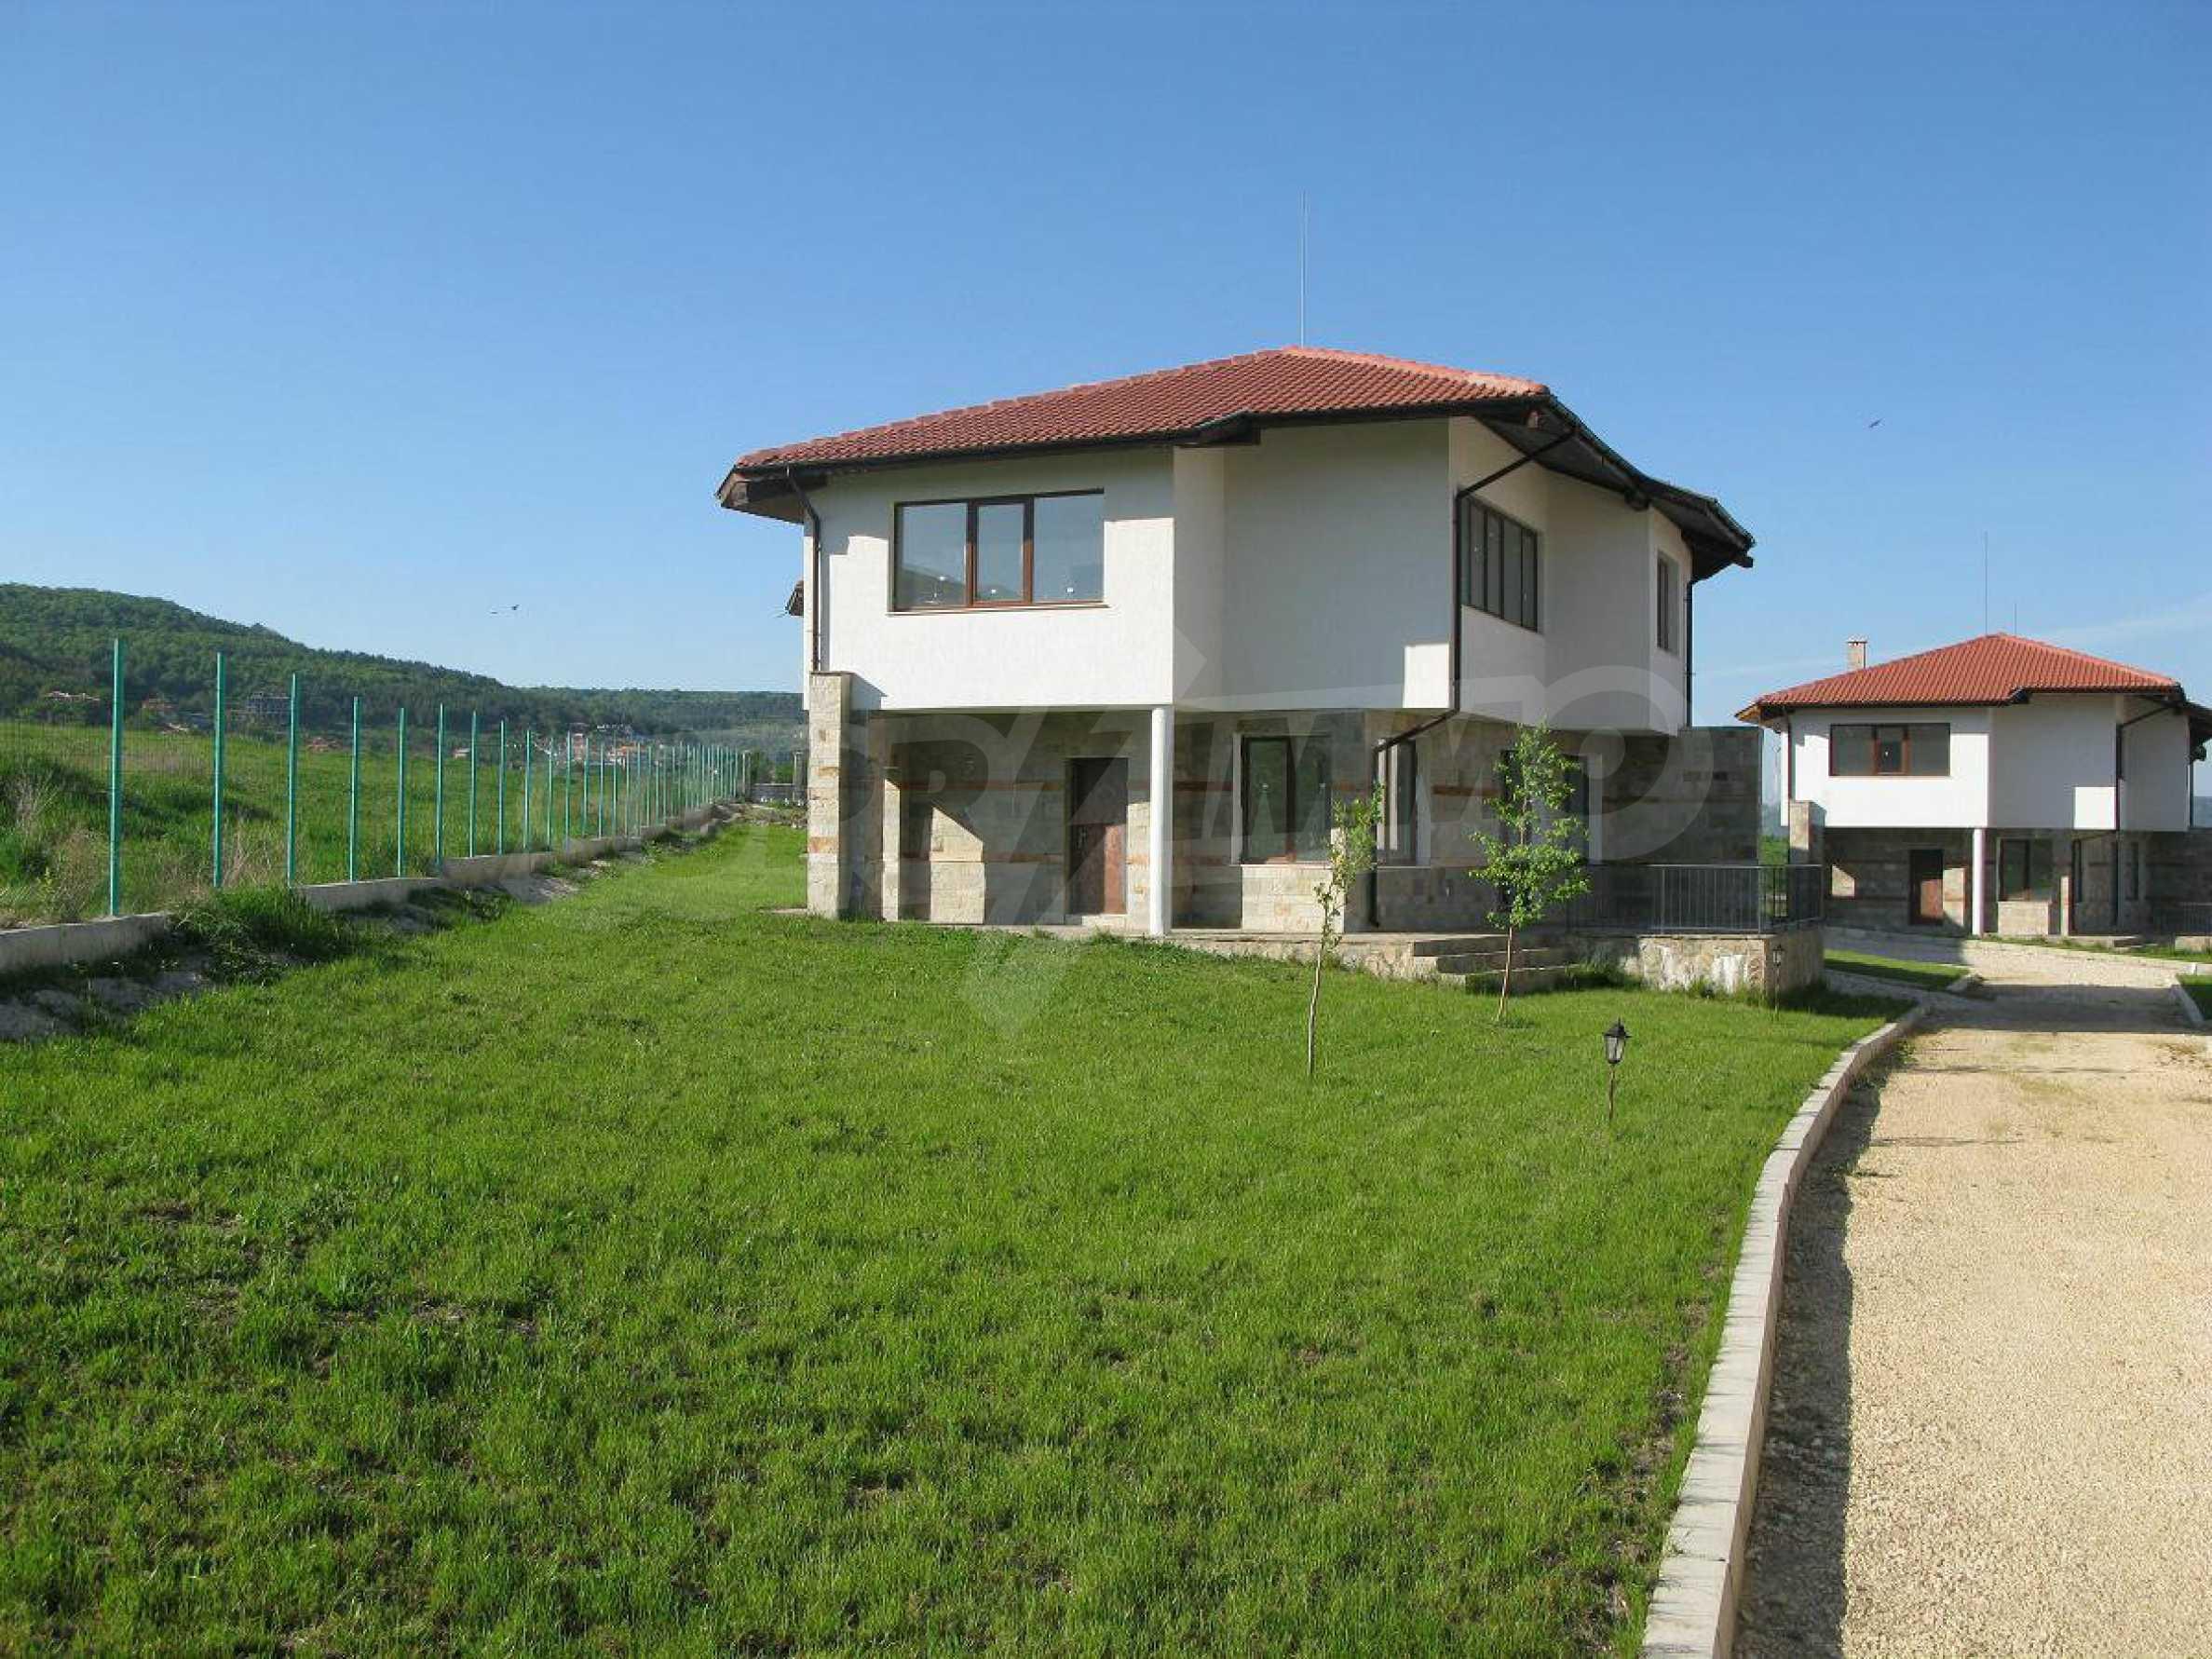 Новые двухэтажные дома в дачном поселке 2